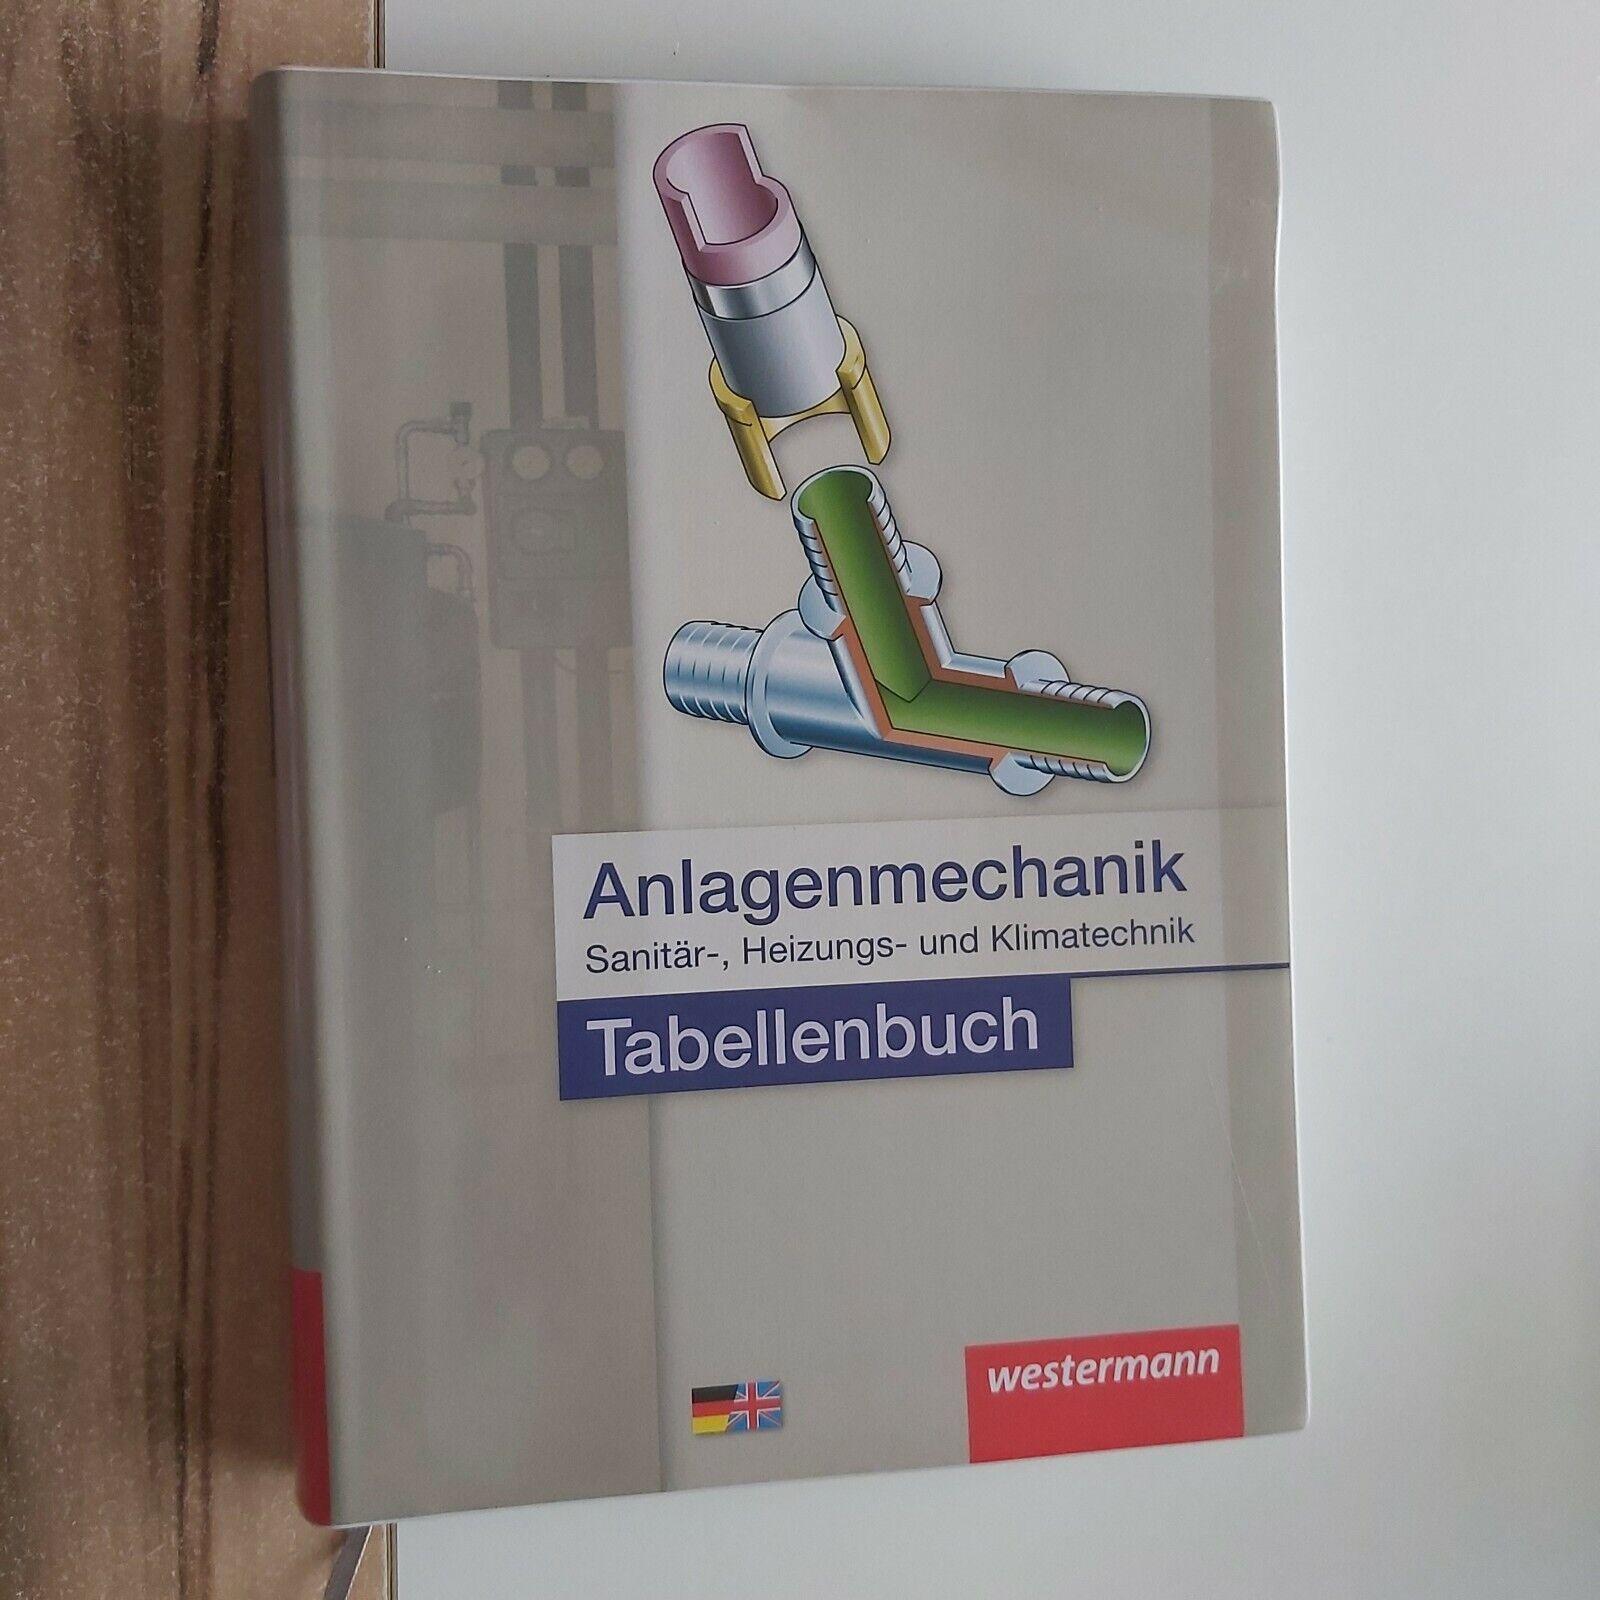 Tabellenbuch  Anlagenmechanik Sanitär-, Heizungs-und Klimatechnik 2.Auflage